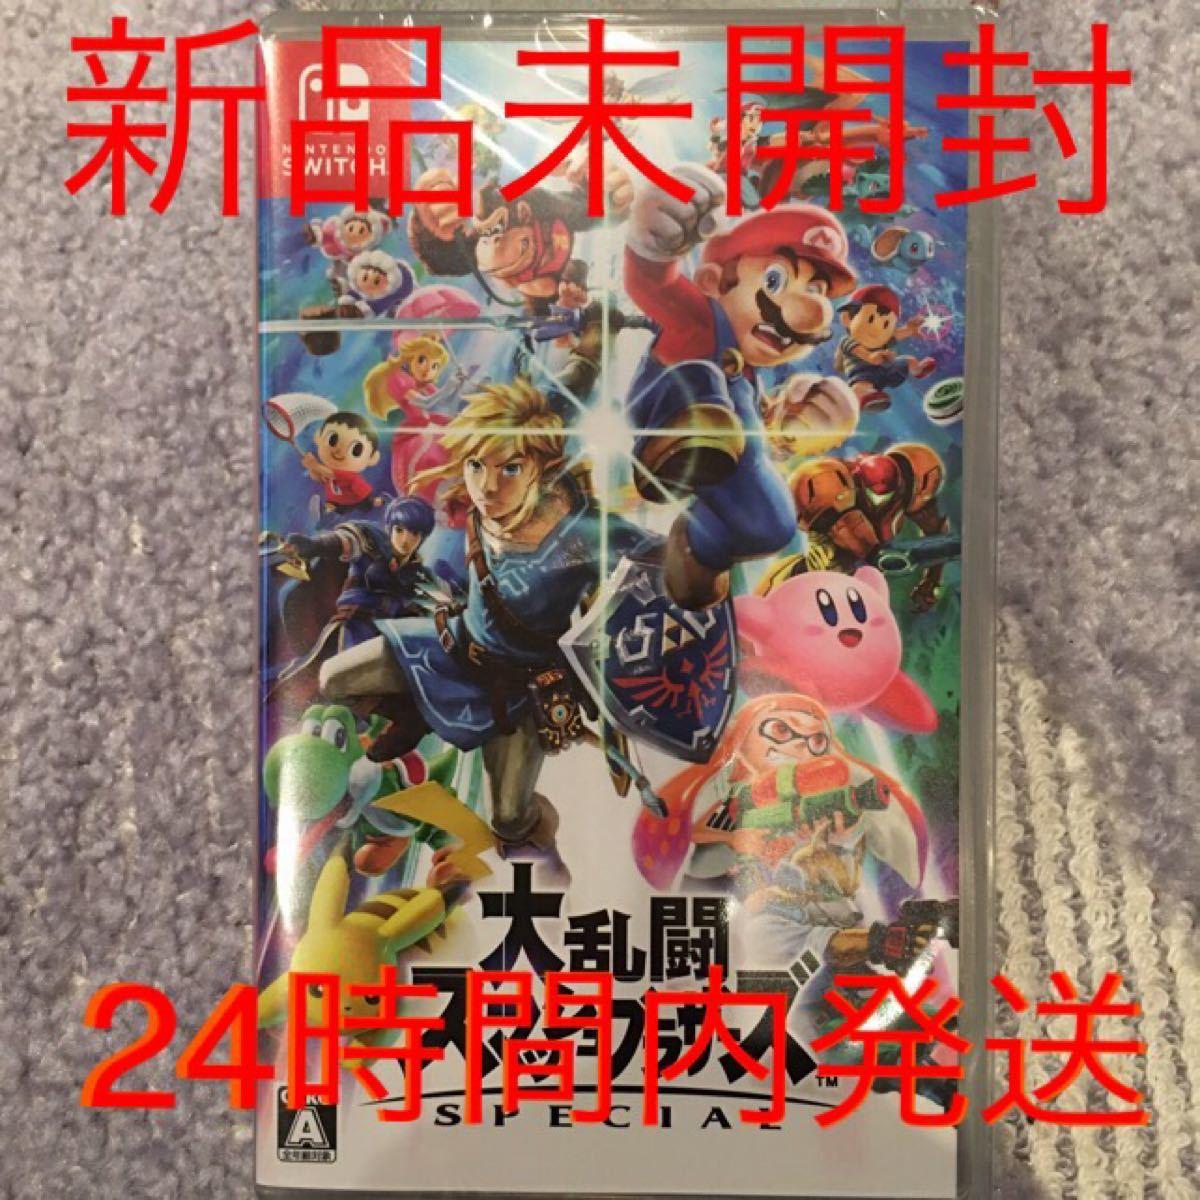 大乱闘スマッシュブラザーズ スペシャル Switch 新品未開封